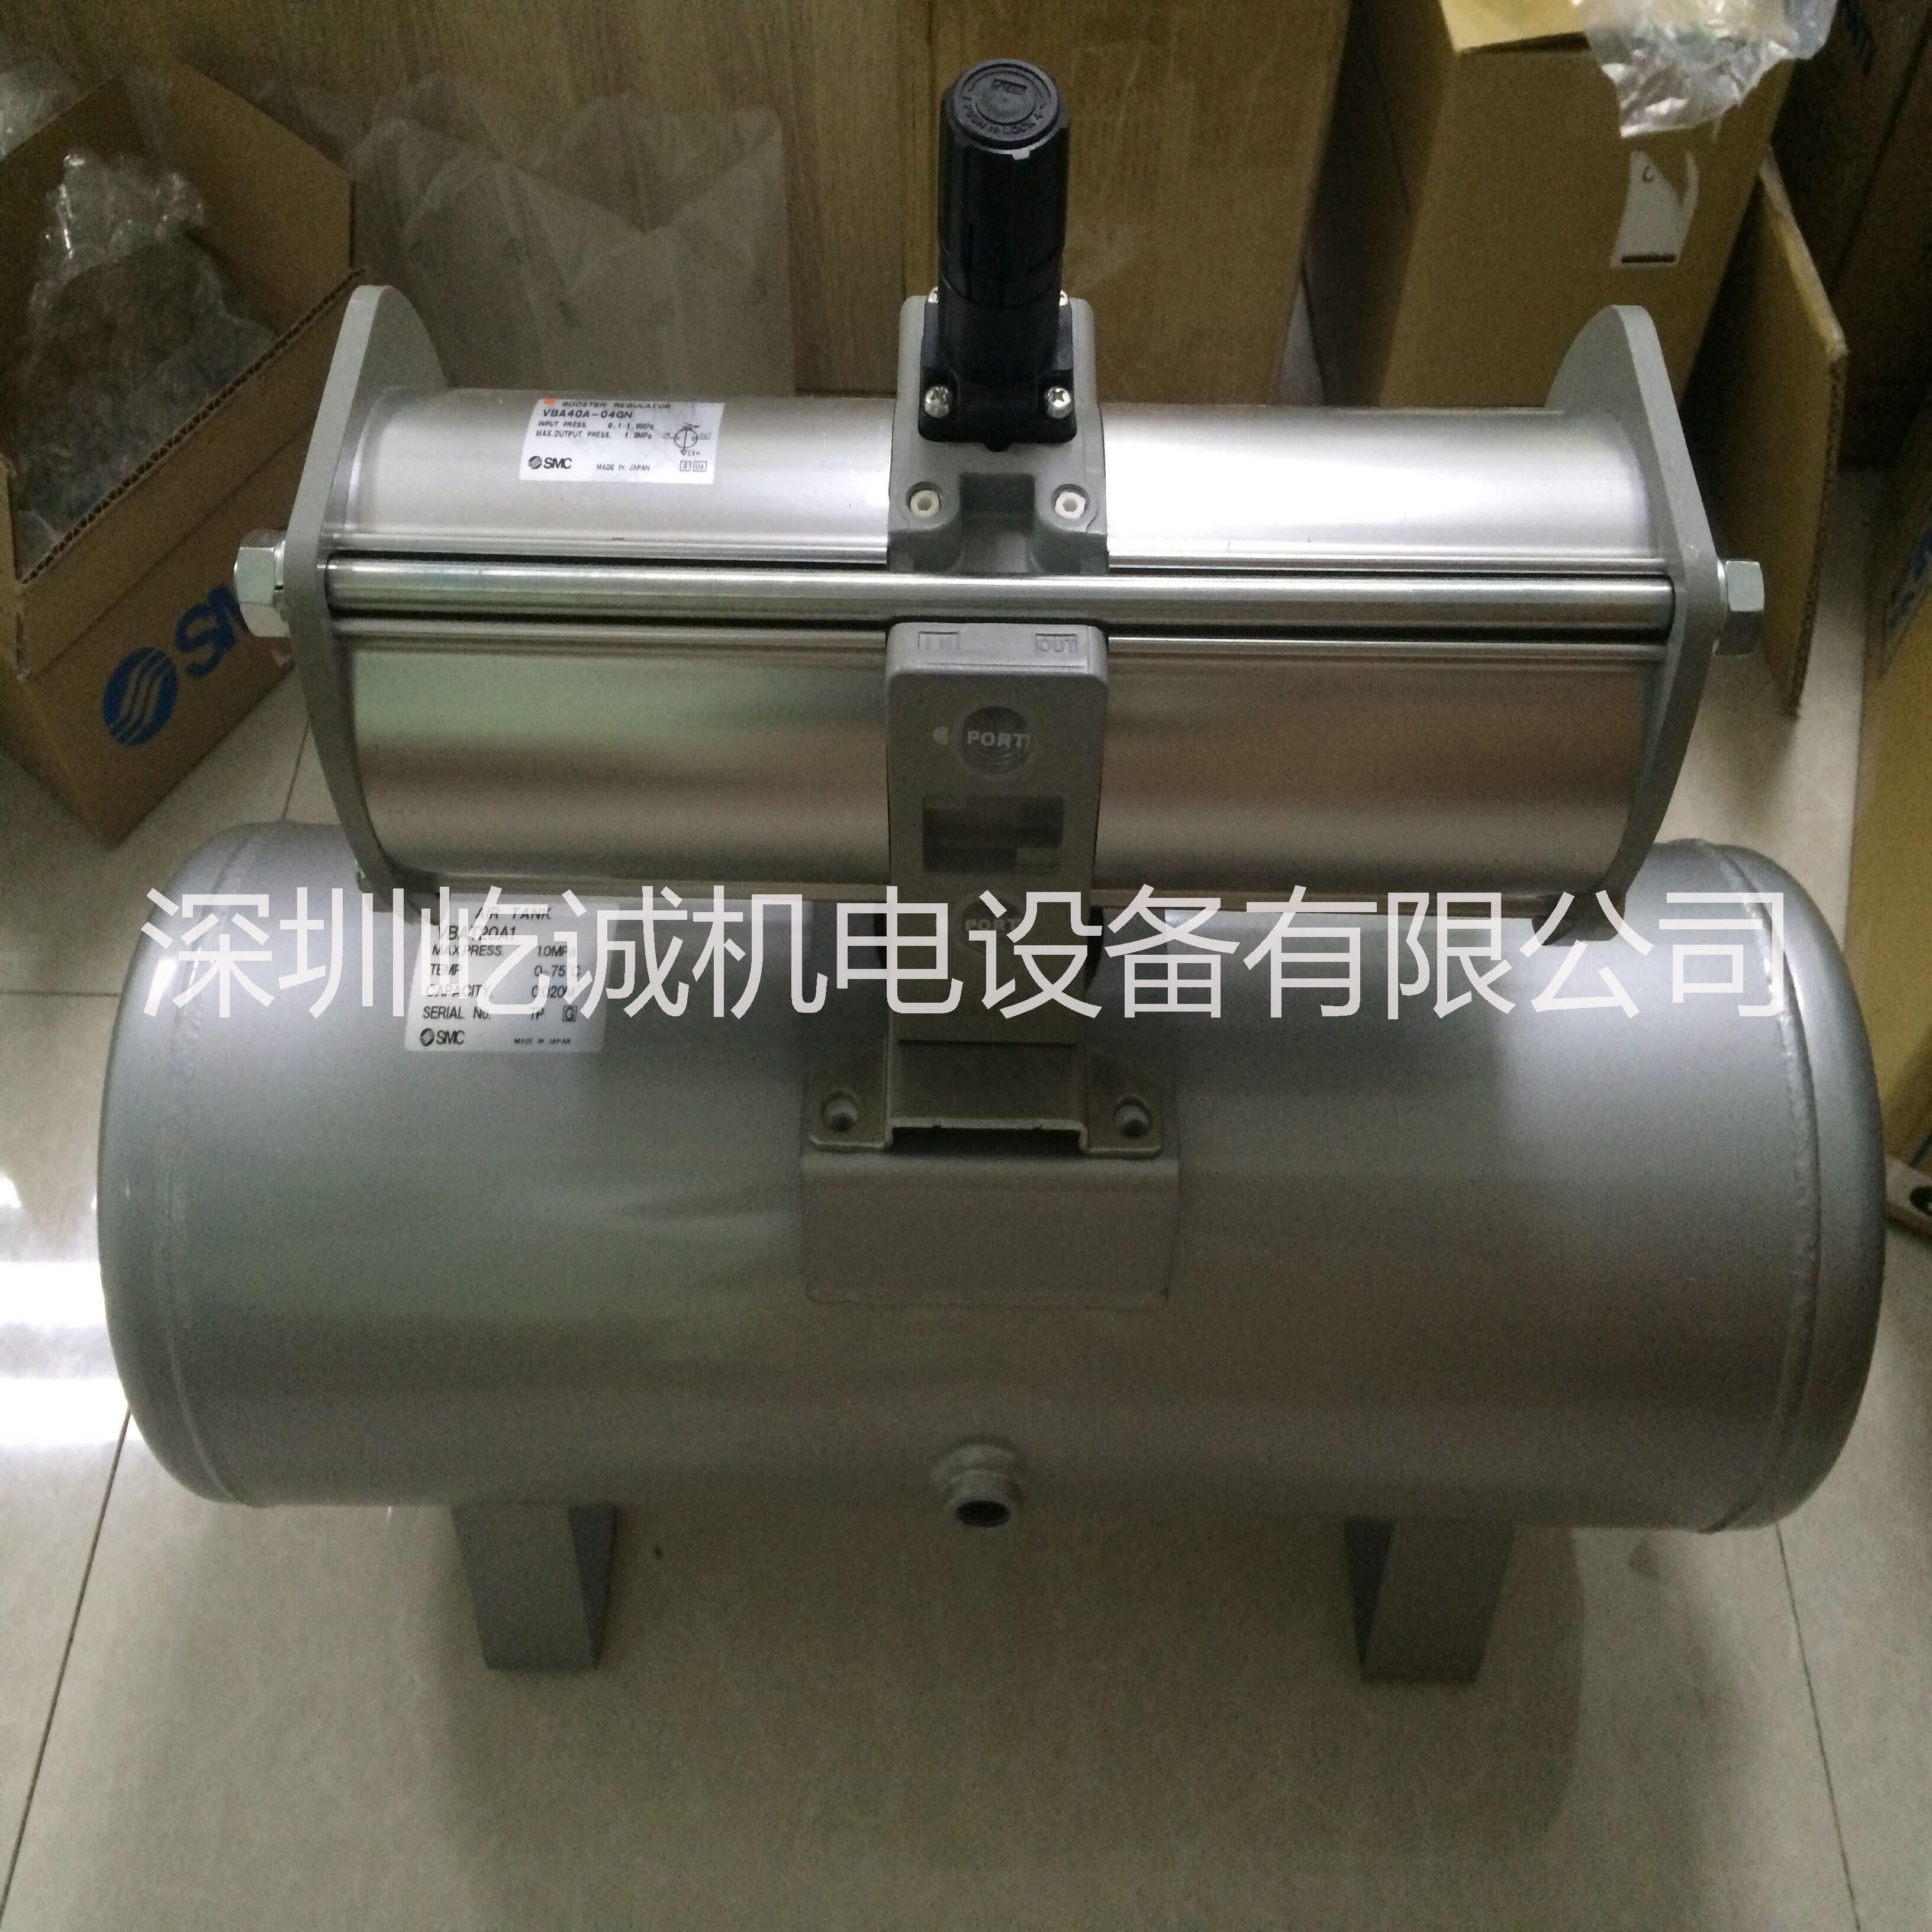 日本smc增压阀vba40a-04gn配套储气罐vbat20a1原装 现货供应图片